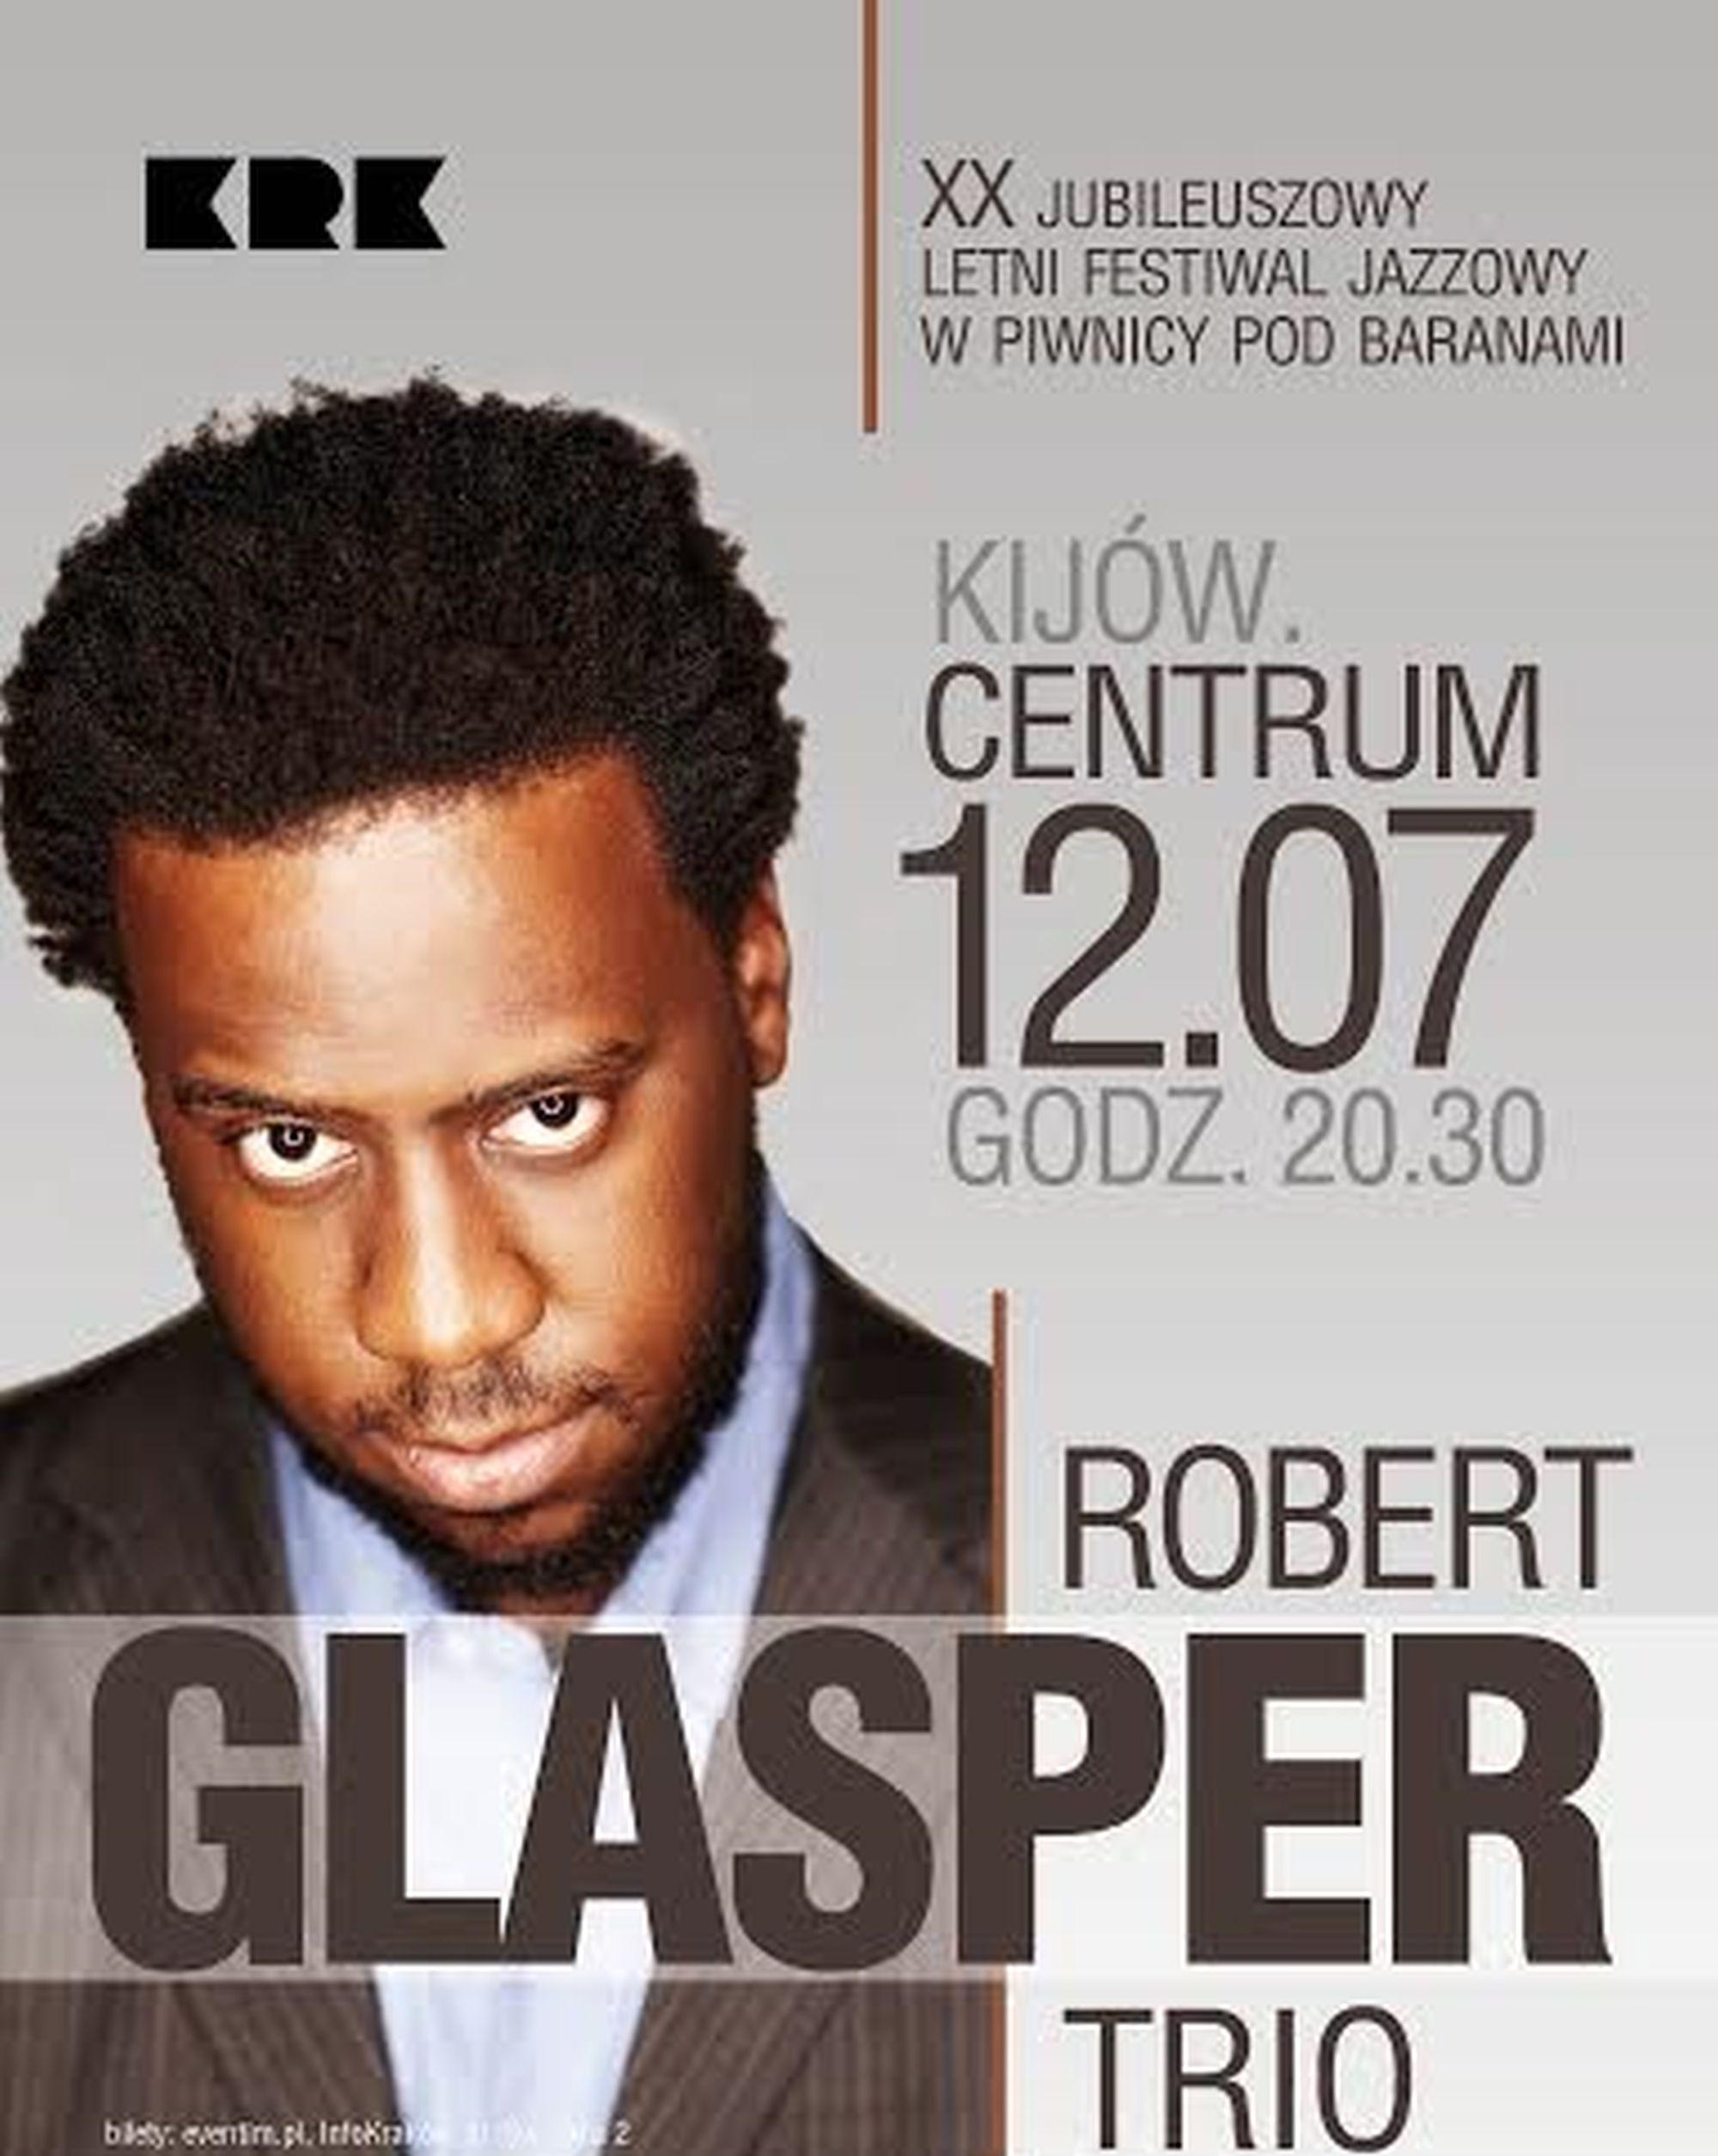 Robert Glasper Trio (źródło: materiały prasowe)